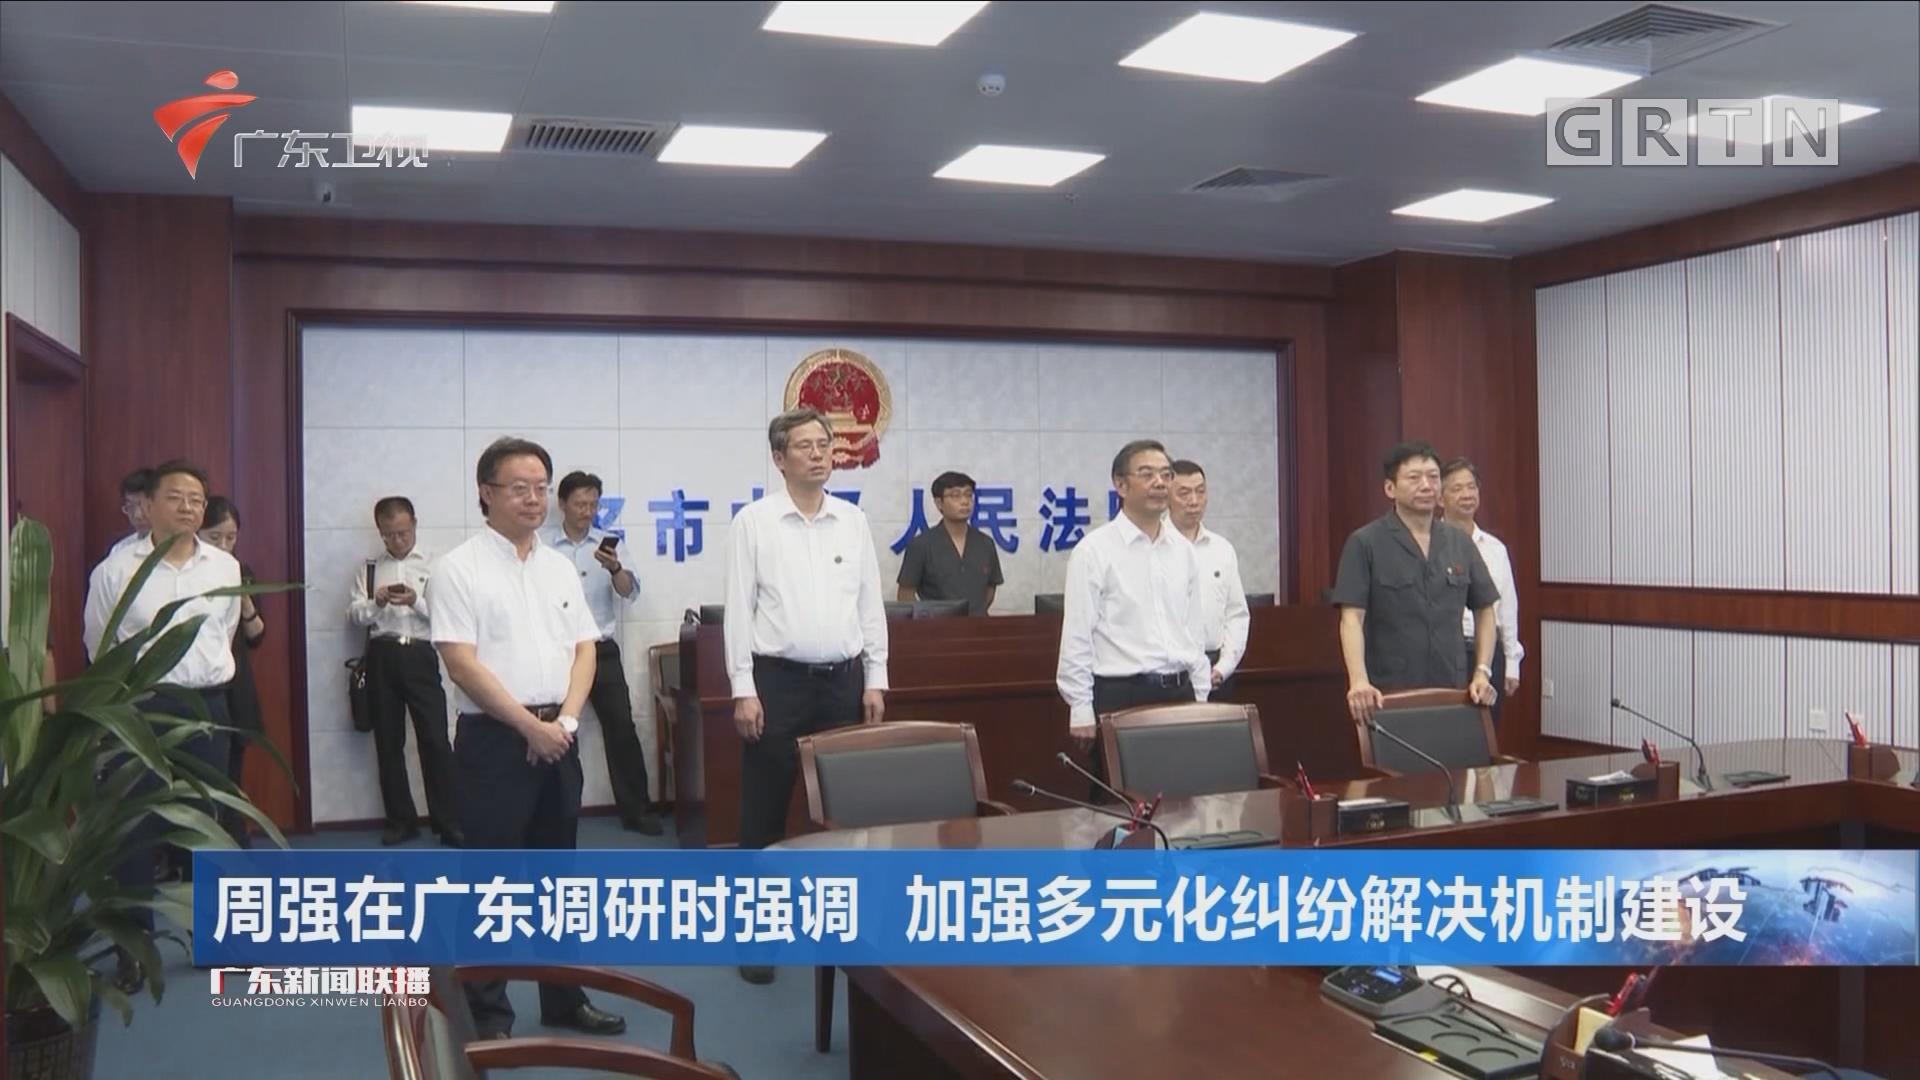 周强在广东调研时强调 加强多元化纠纷解决机制建设